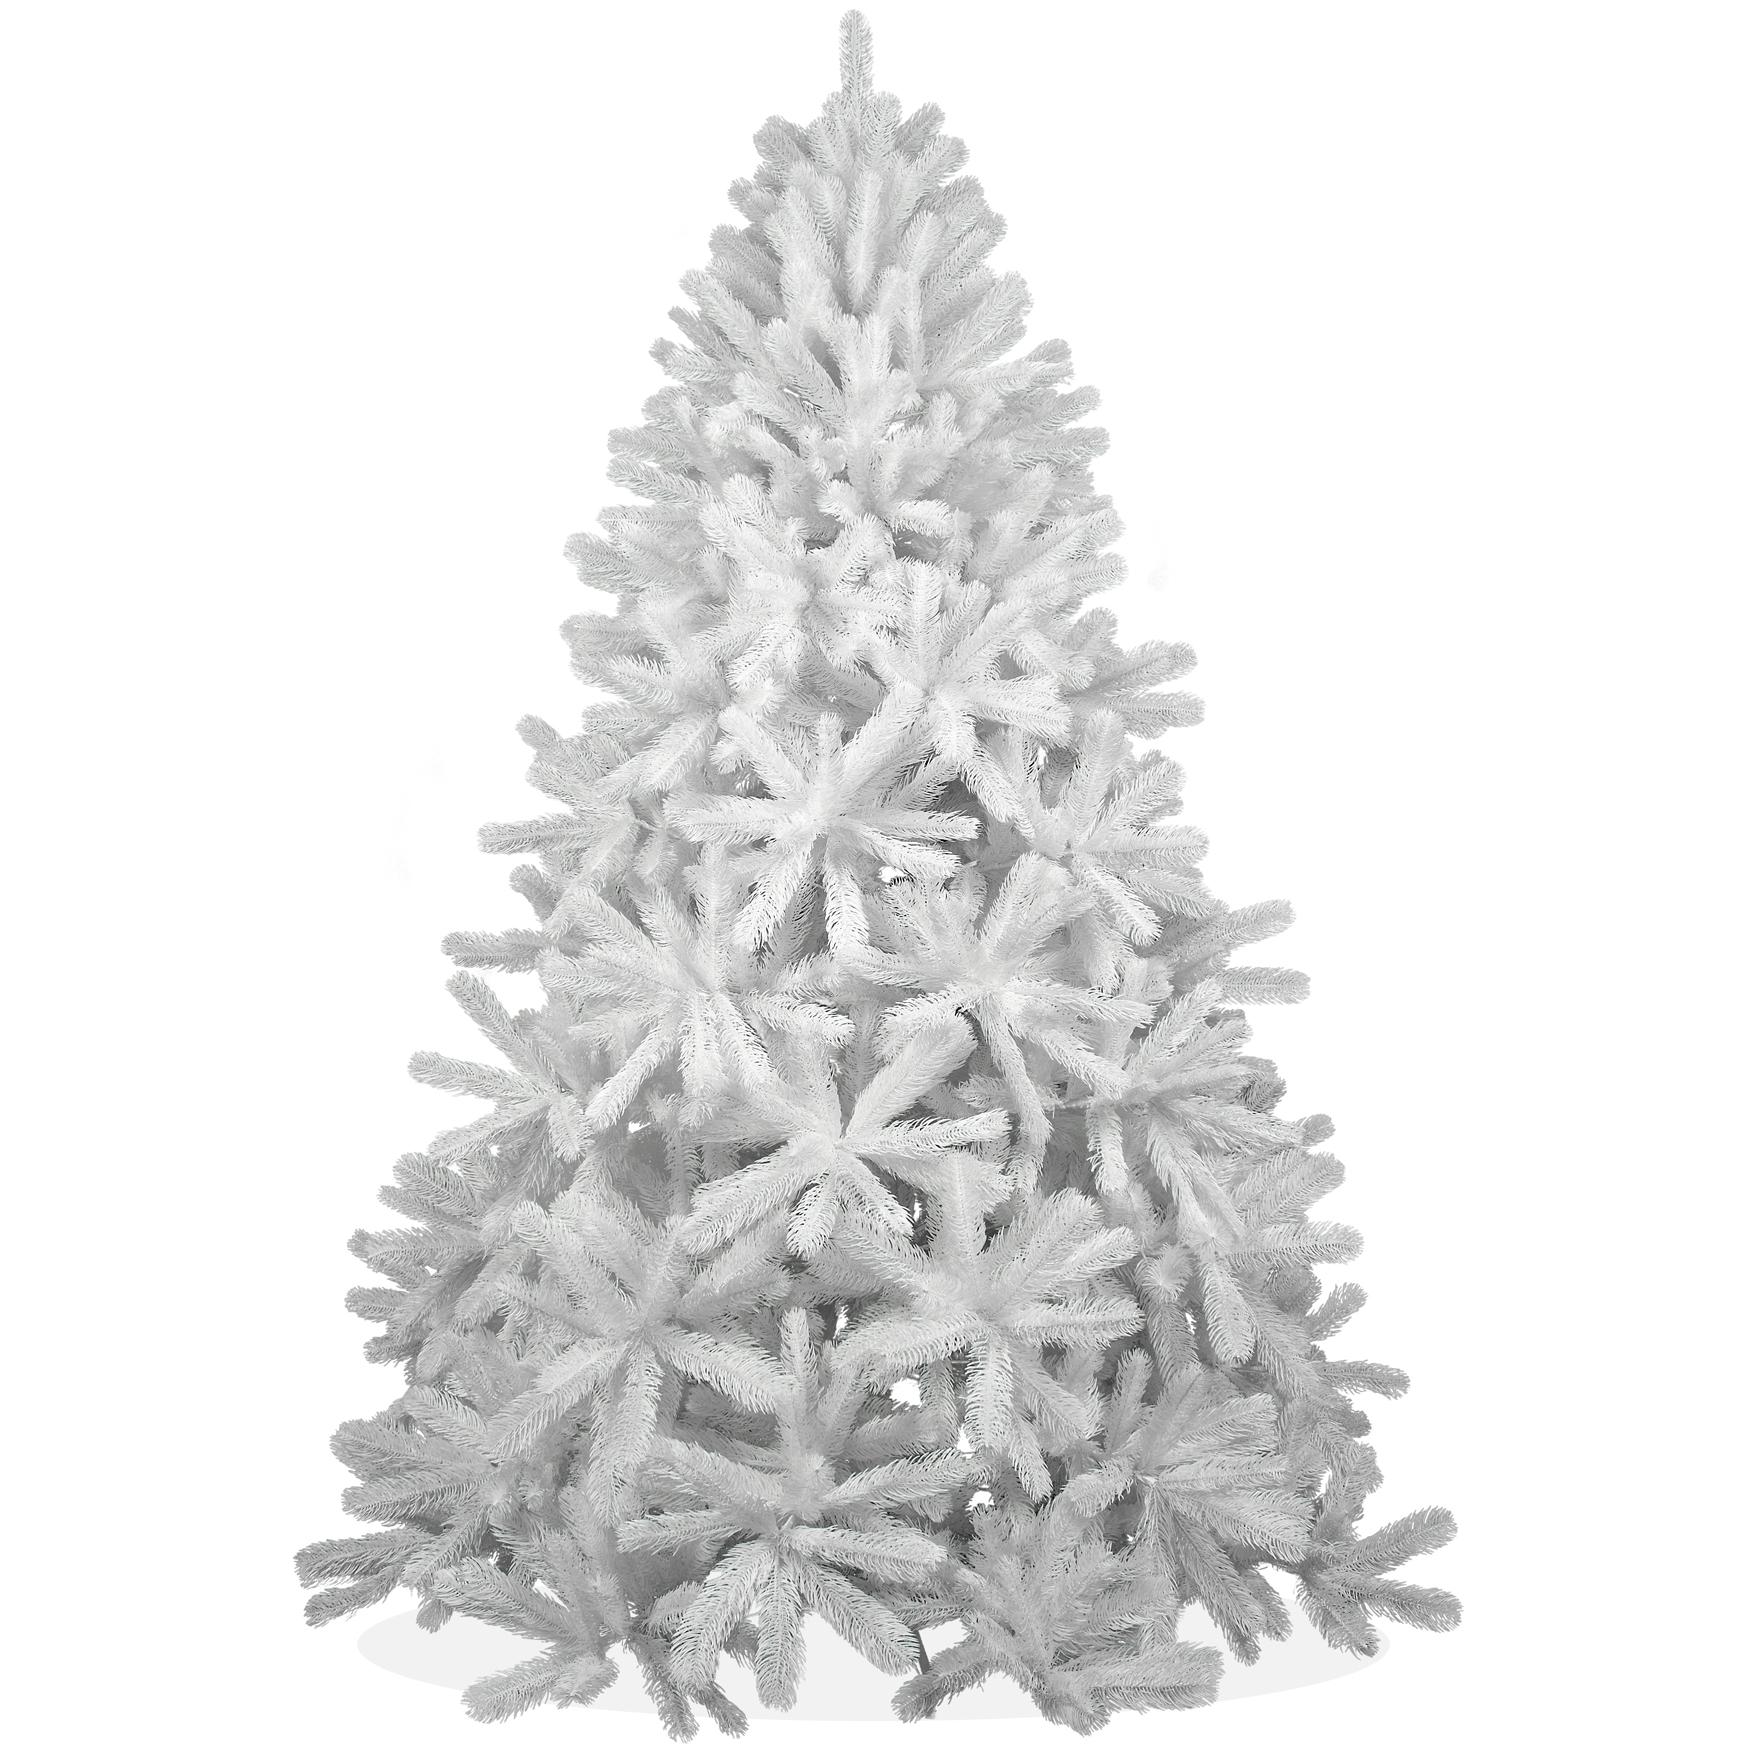 k nstlicher weihnachtsbaum 210cm pe spritzguss schneewei er premium tannenbaum douglasie. Black Bedroom Furniture Sets. Home Design Ideas